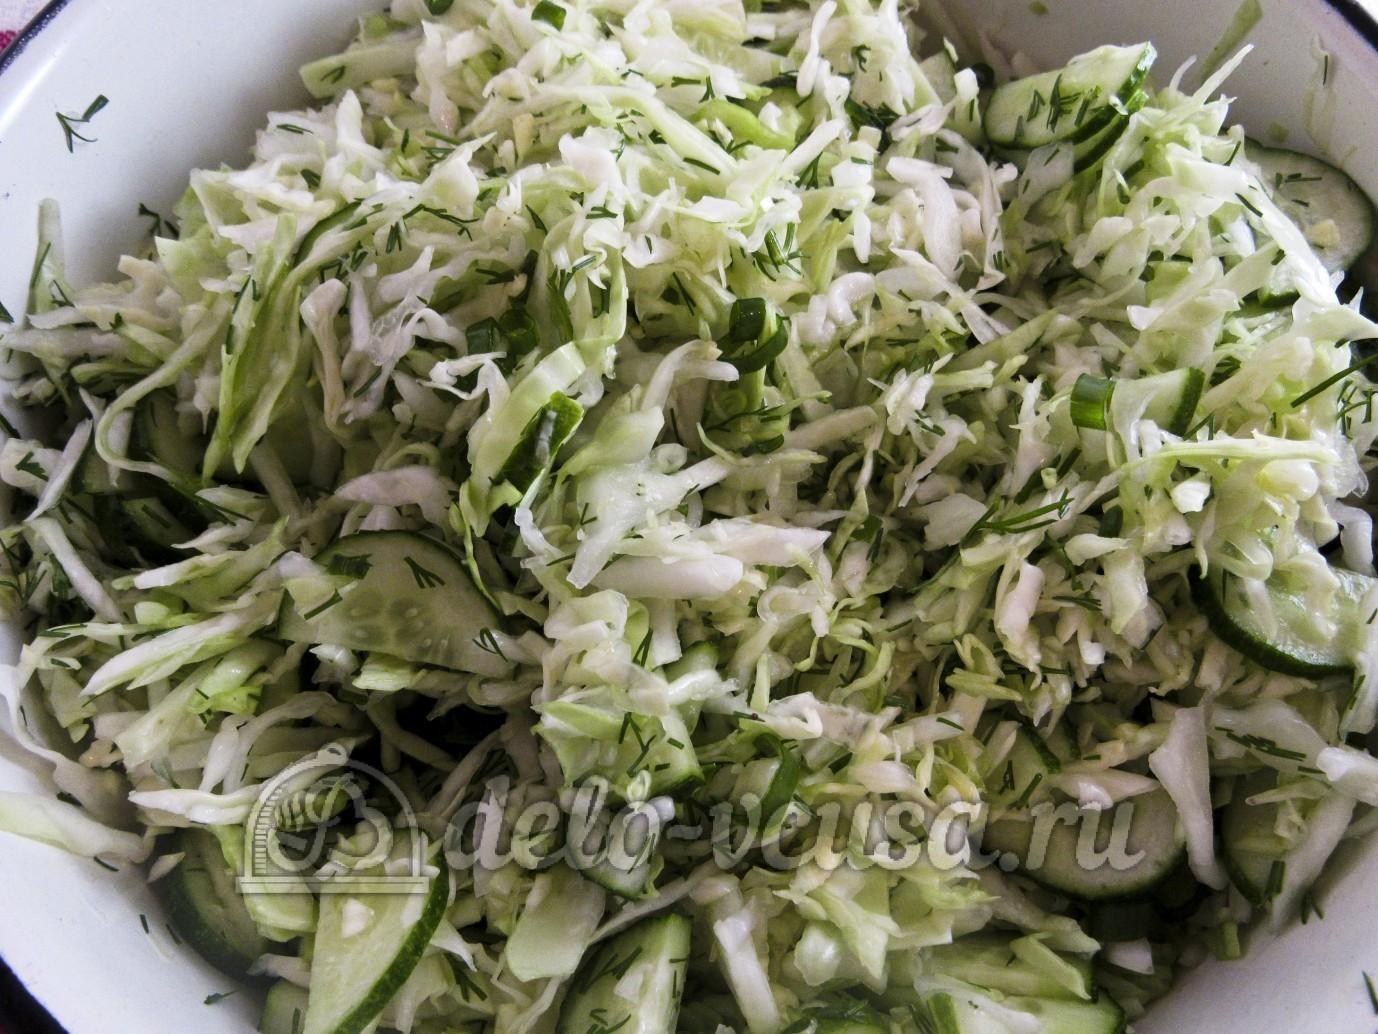 Салат из капусты и огурцов с уксусом: Все перемешать